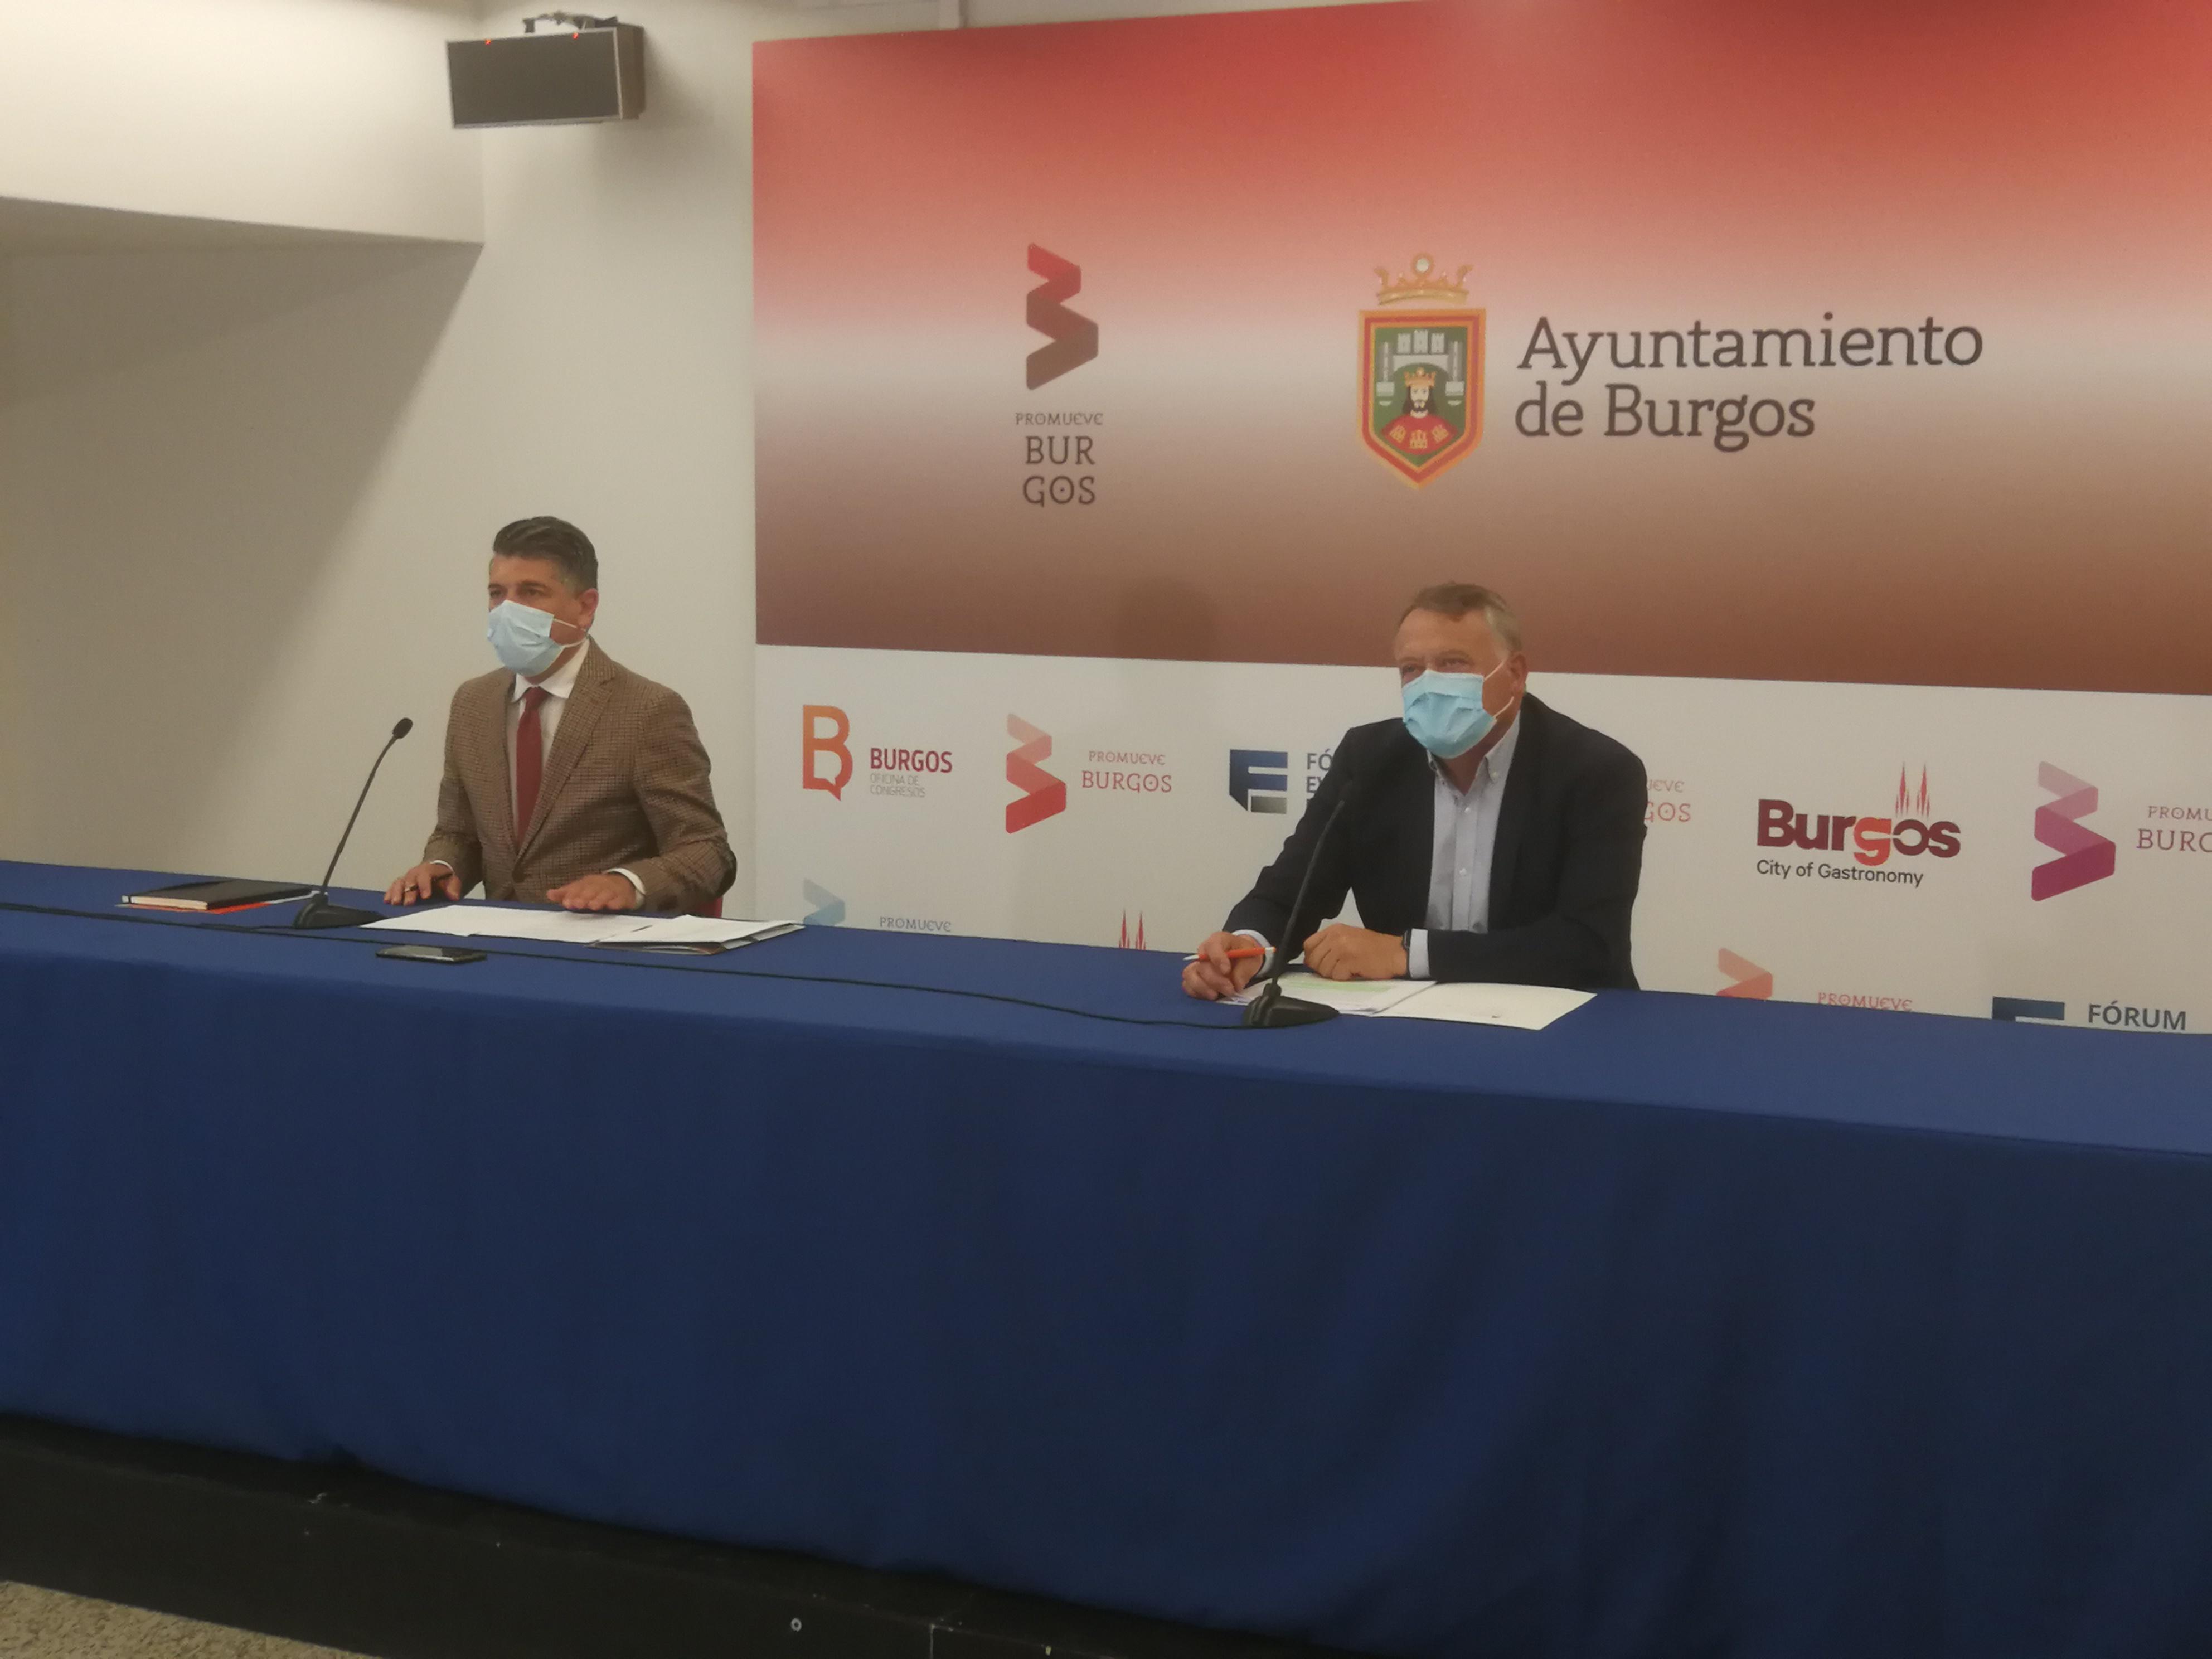 Burgos destacará en FITUR su oferta diferenciada de espacios naturales y el VIII Centenario de la Catedral